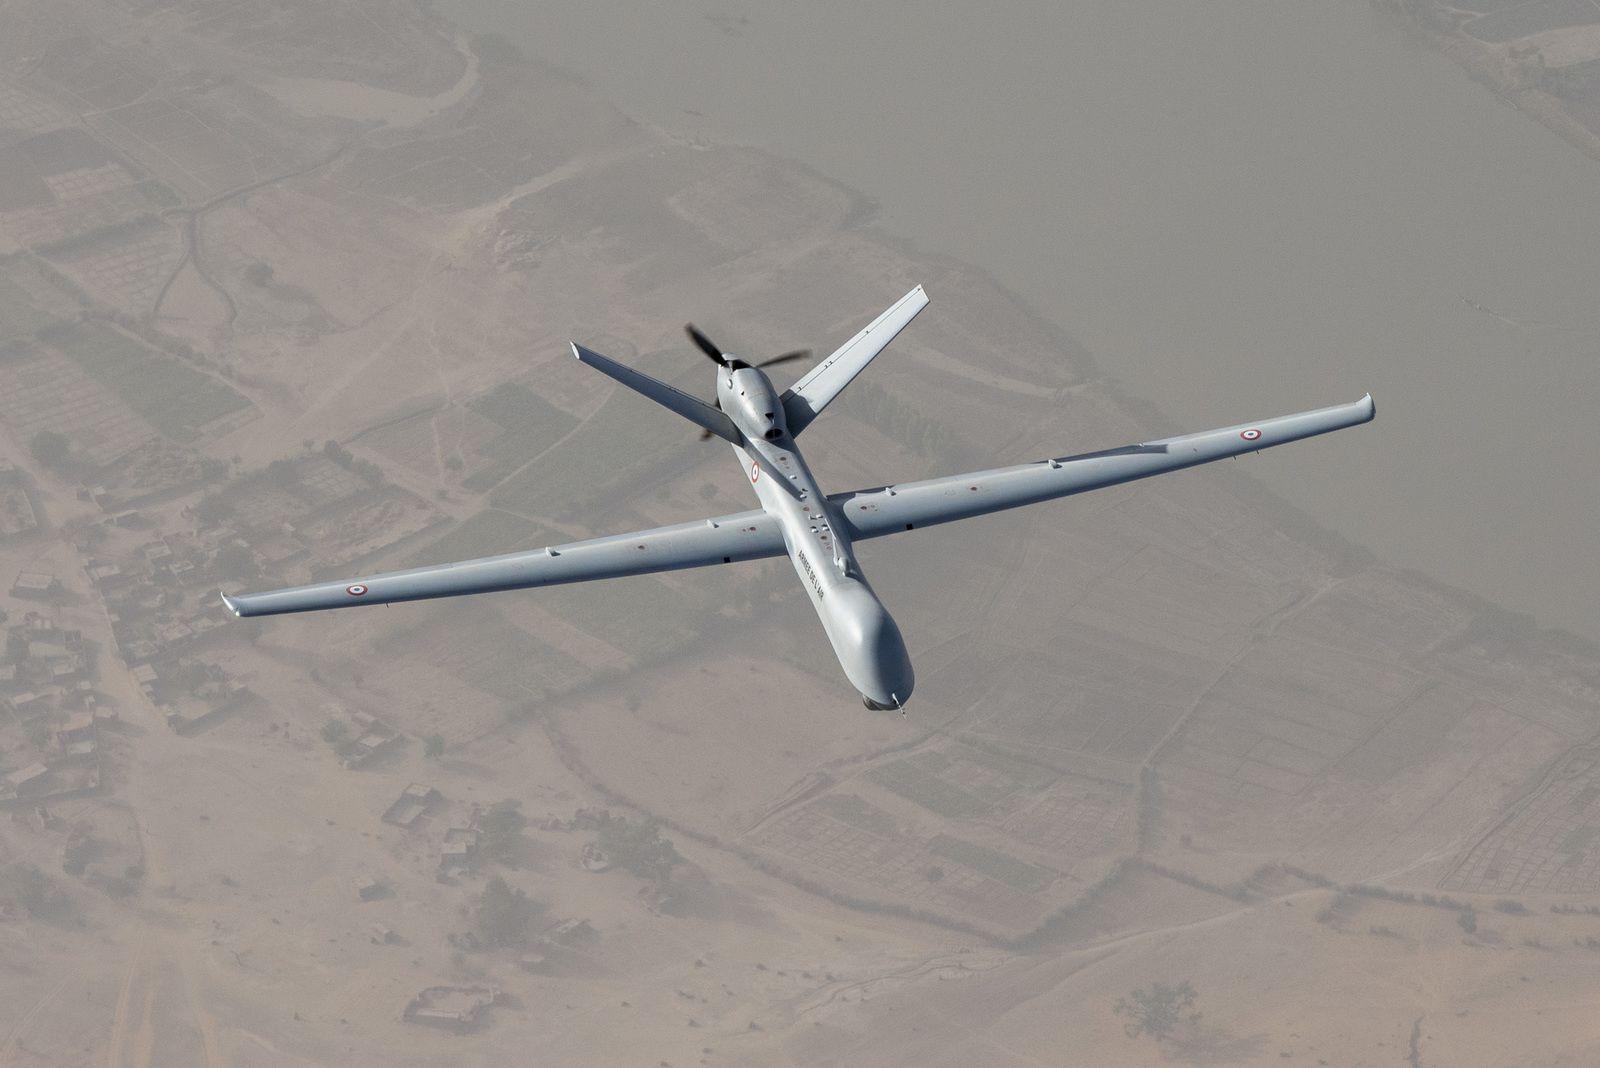 Sahel : Les drones MQ-9 Reaper ont effectué plus de 20 000 heures de vol